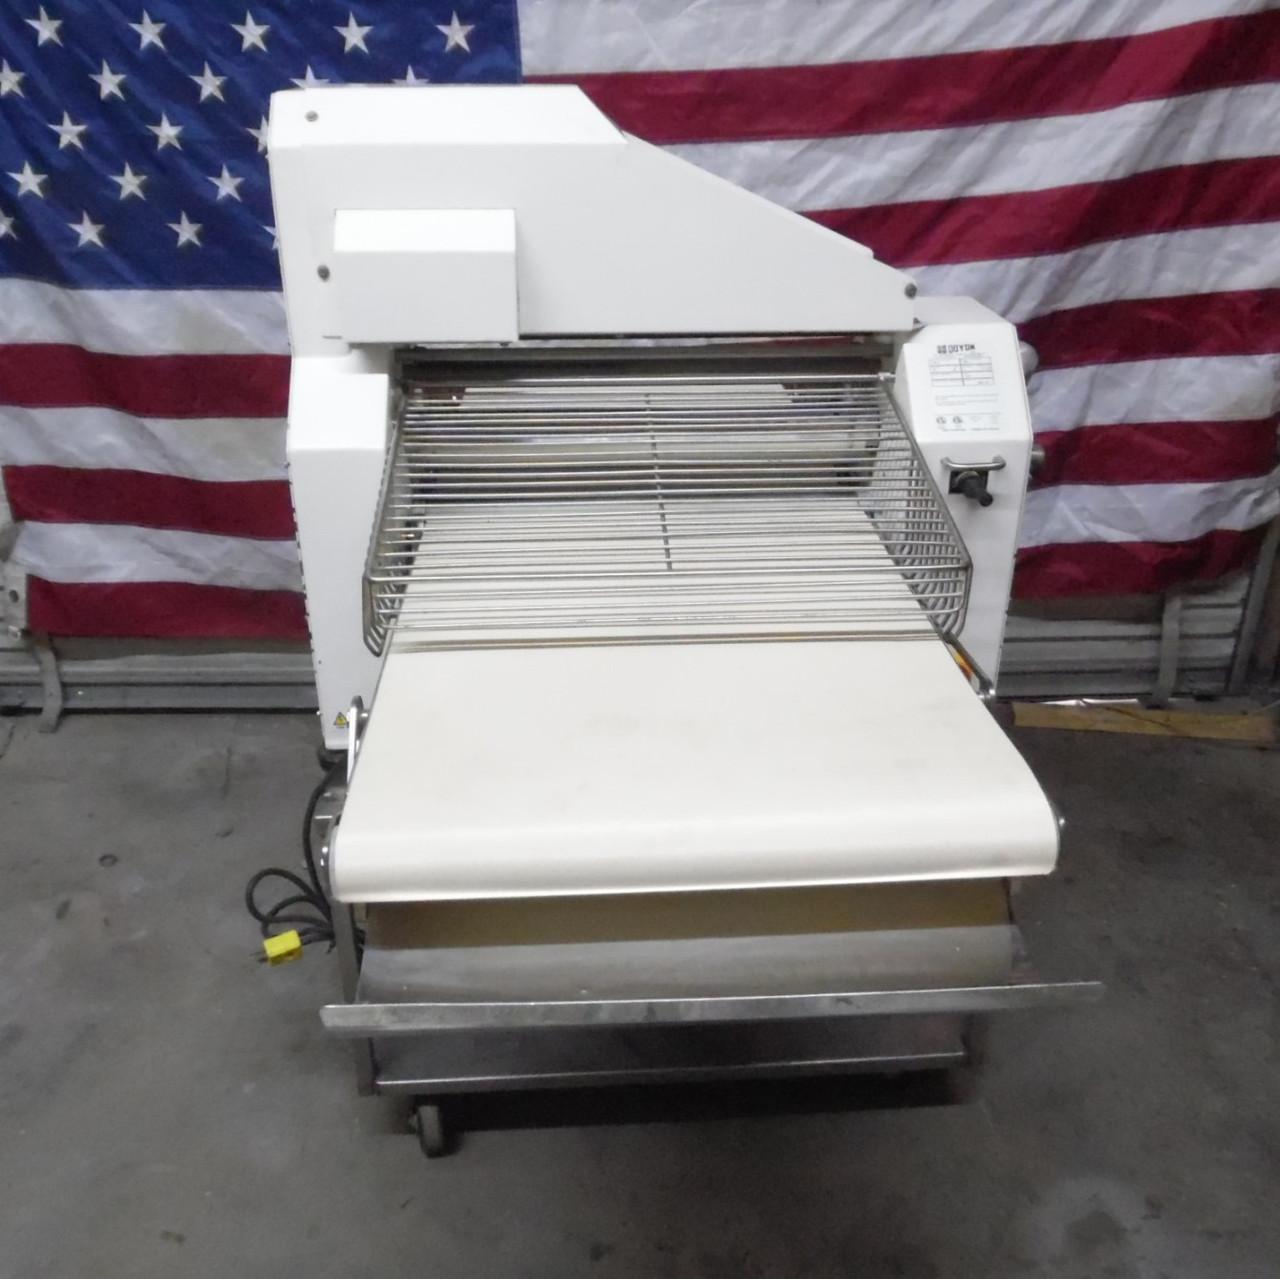 Doyon LSA616 Reversible Countertop Dough Sheeter